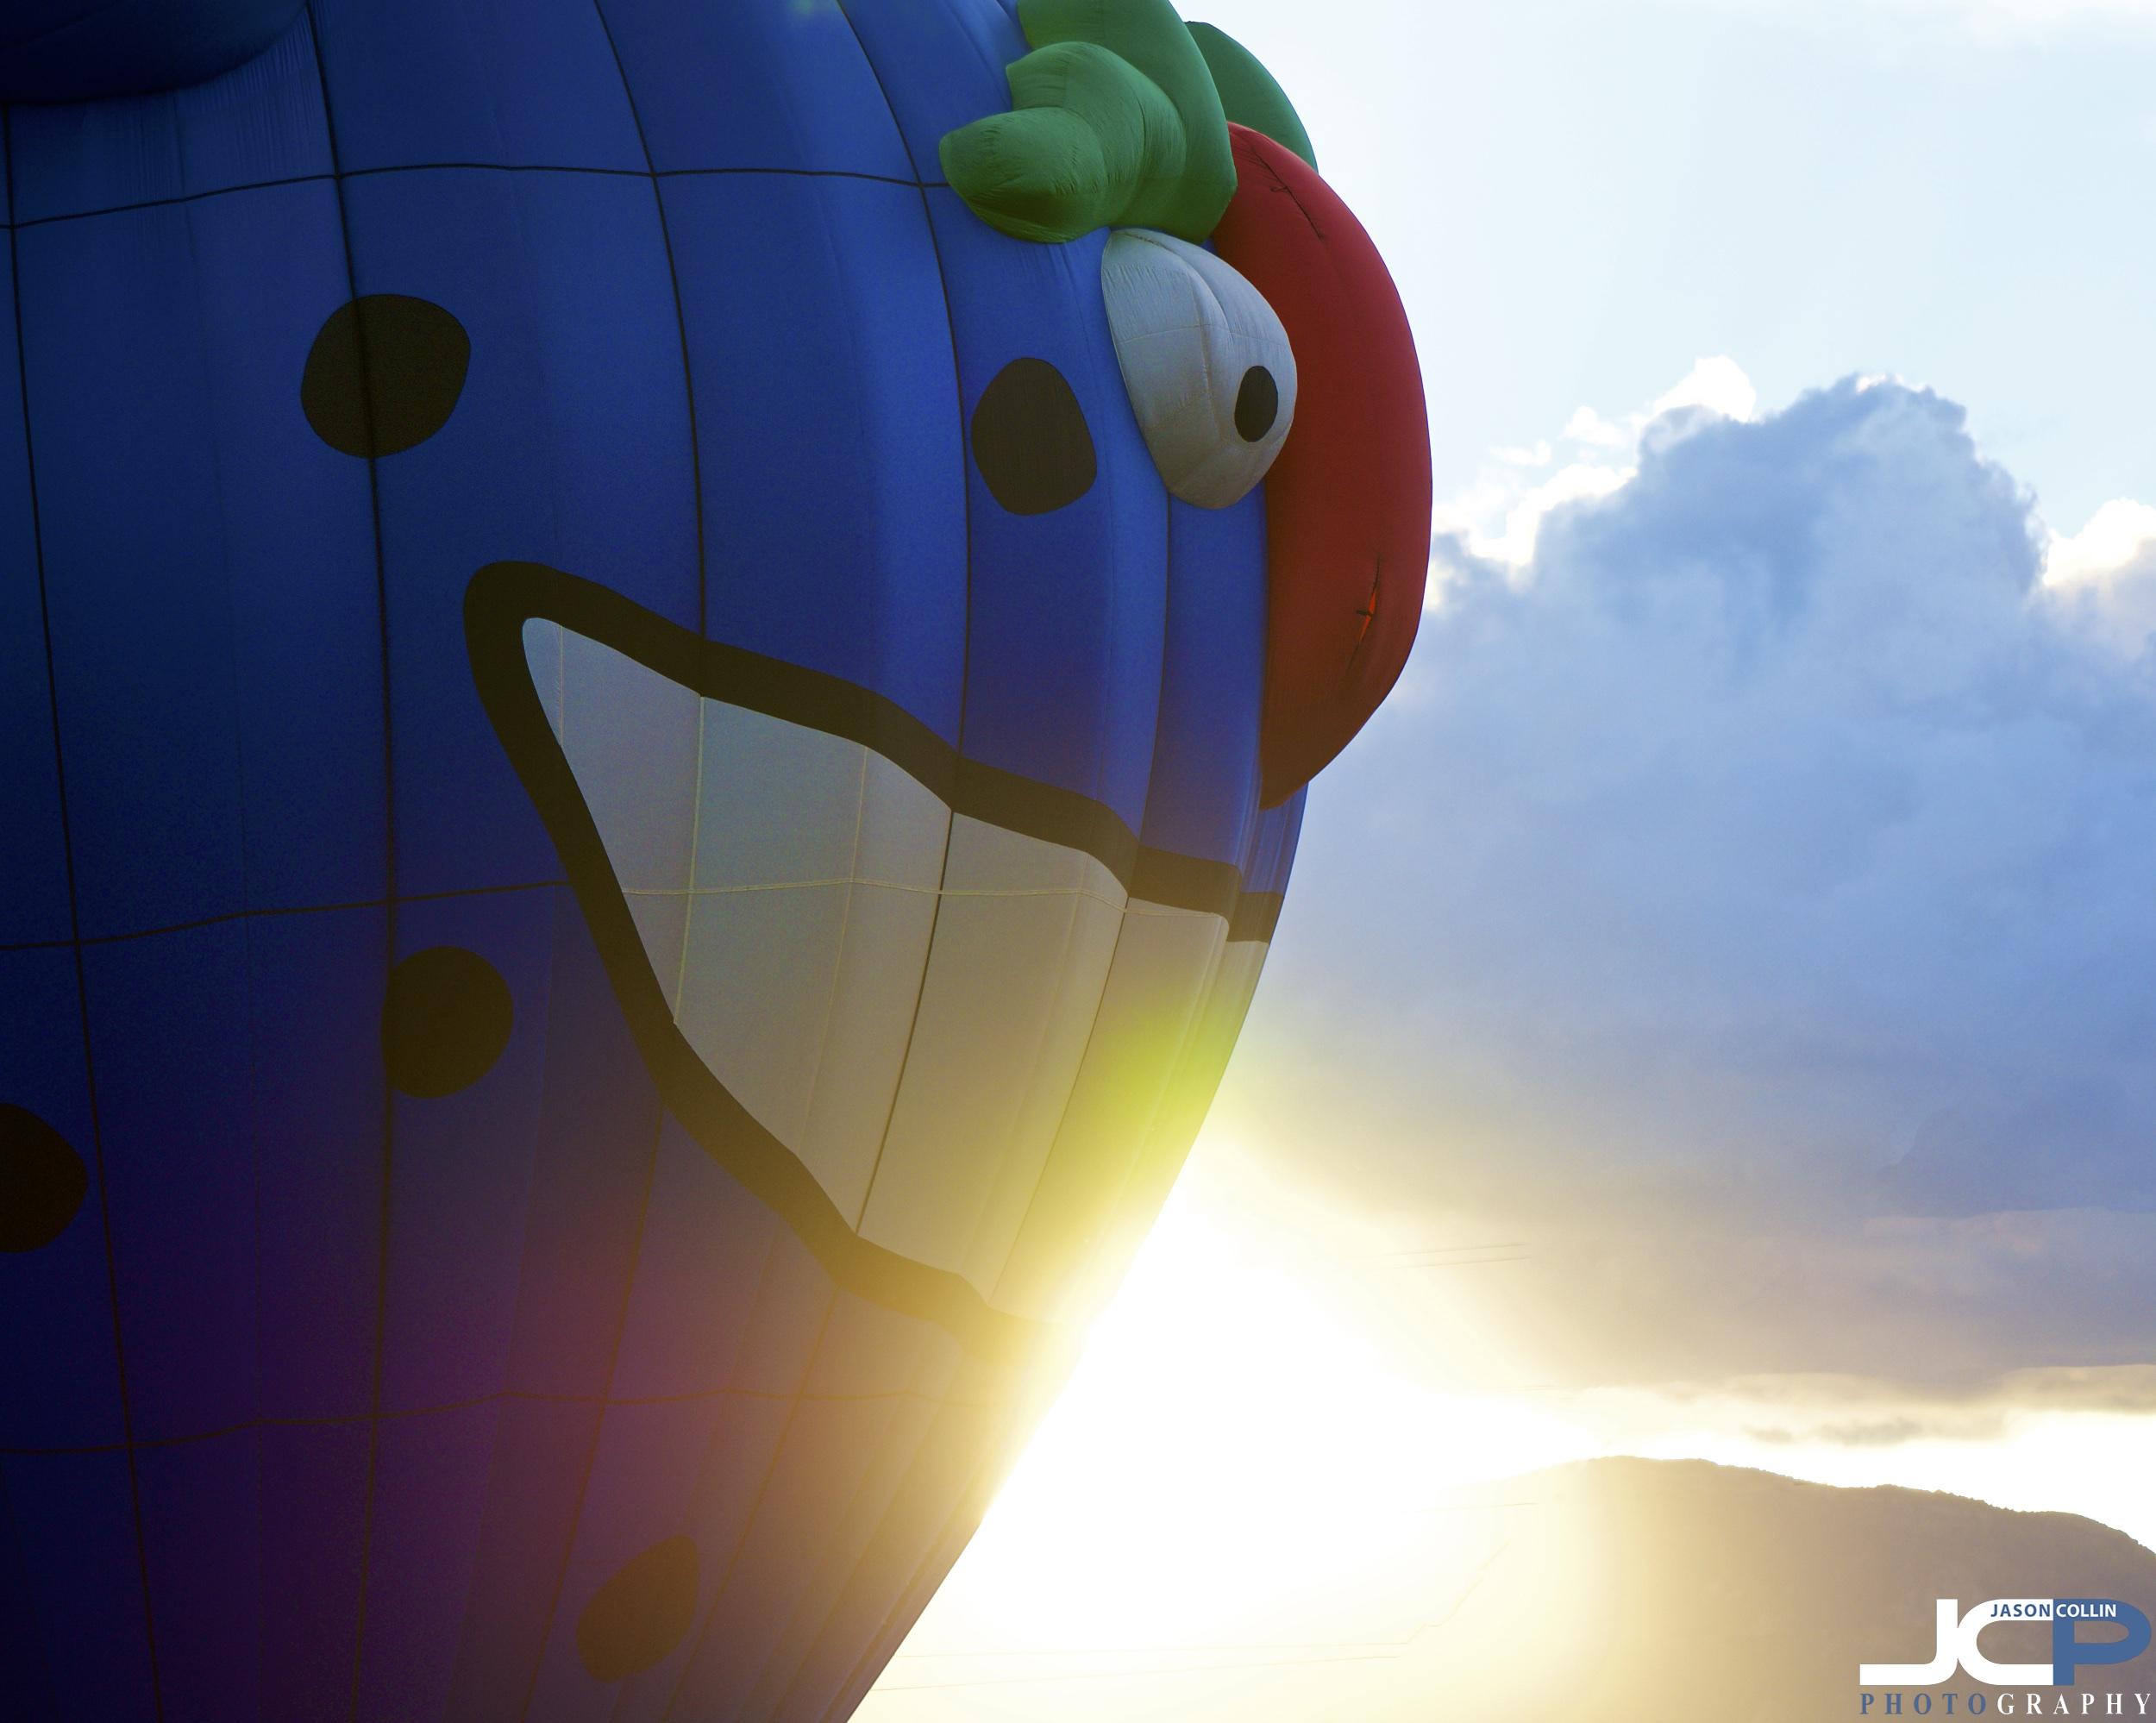 ballon-fiesta-2018-nm-108139.jpg